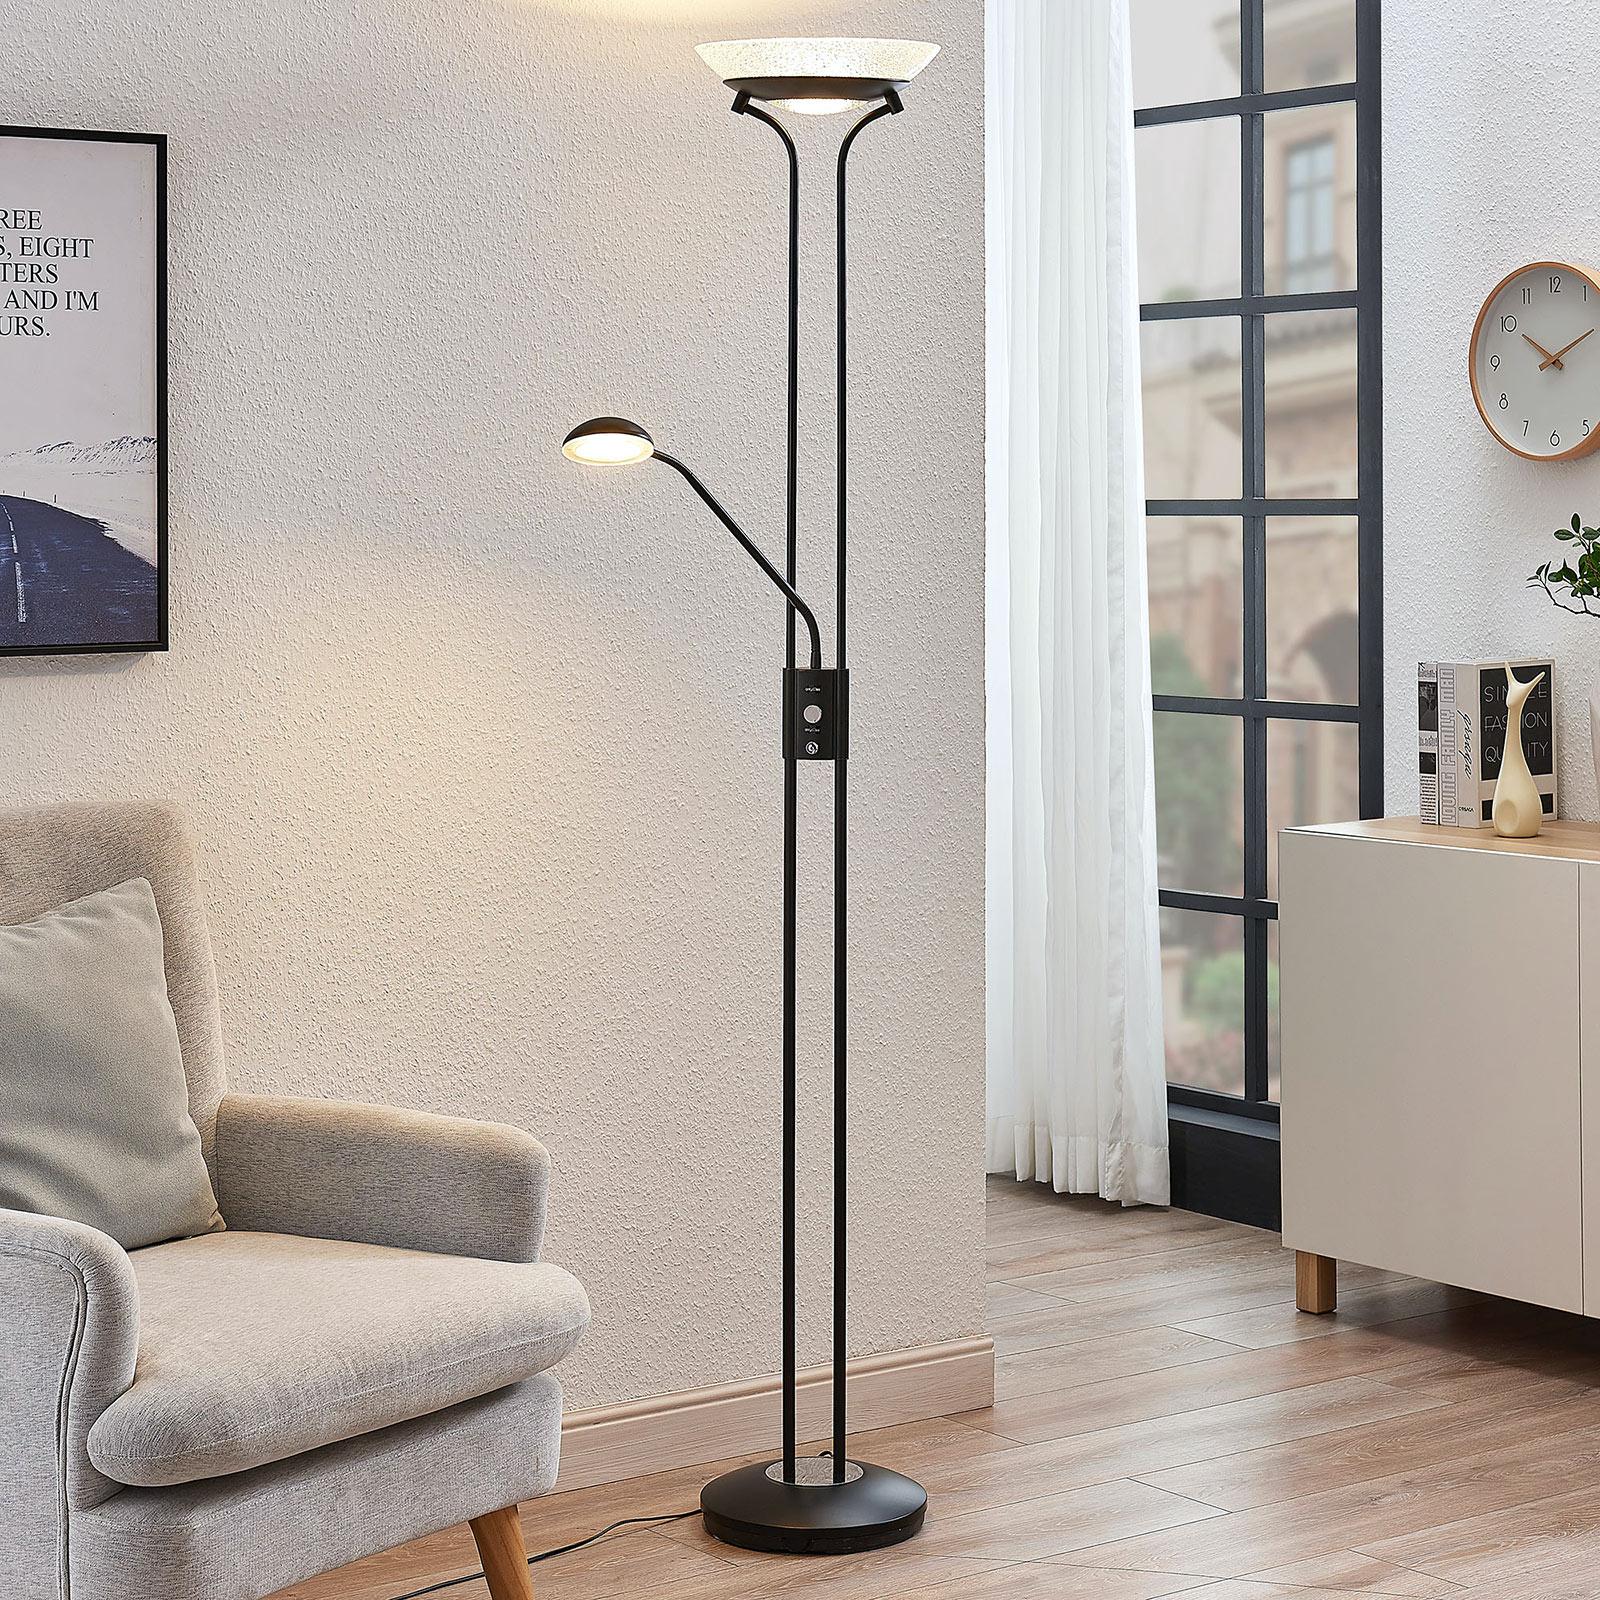 LED svítidlo Dimitra s lampičkou na čtení, černé